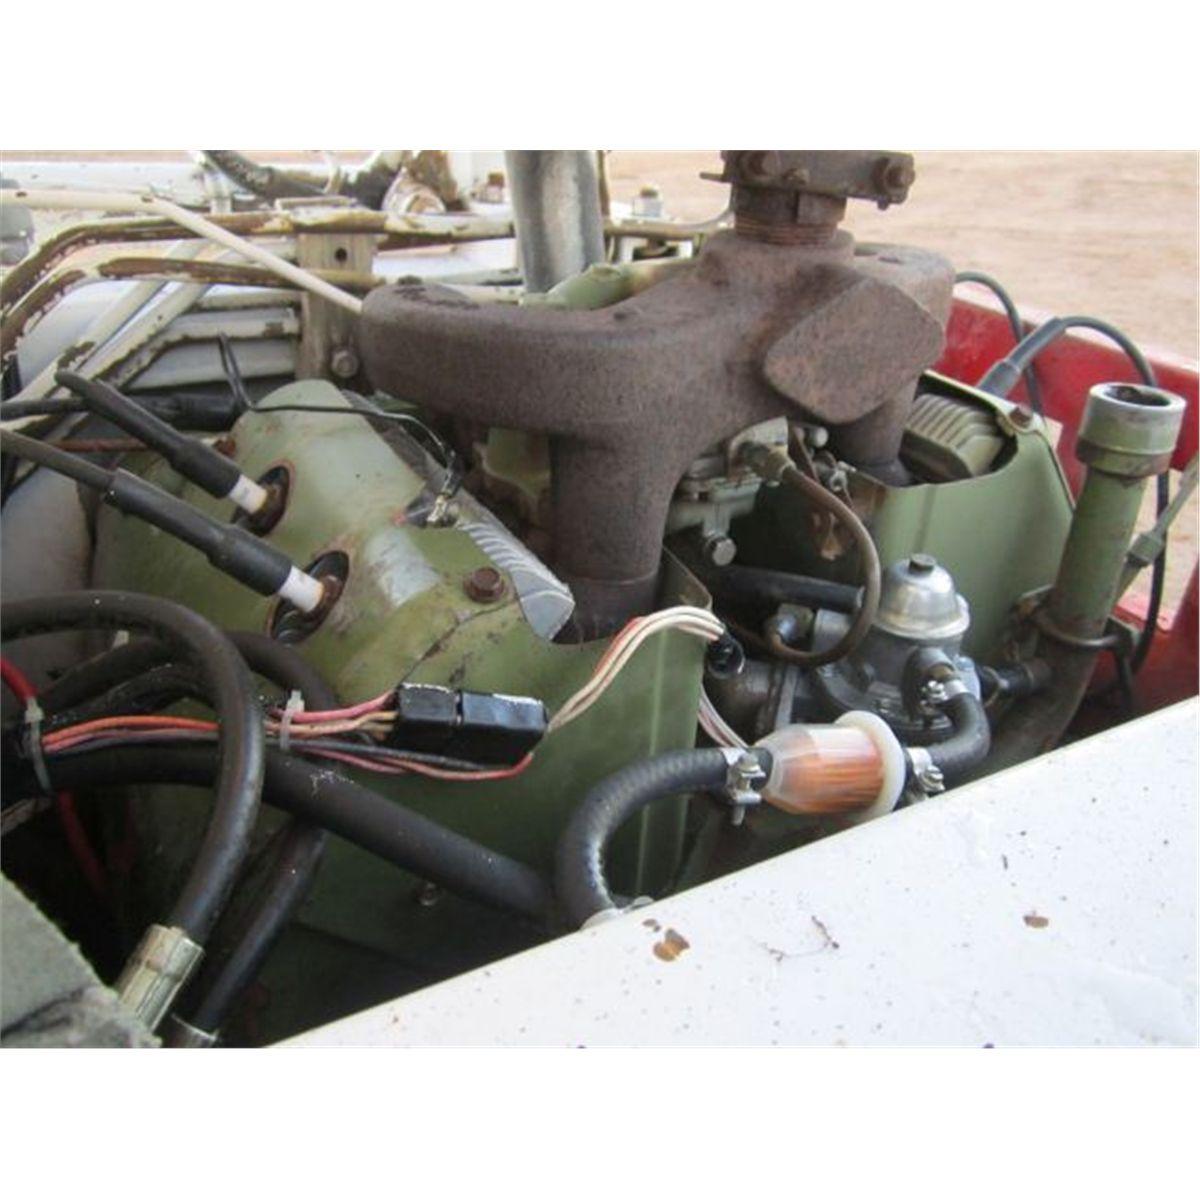 1977 Bobcat 610 Skid Steer Loader